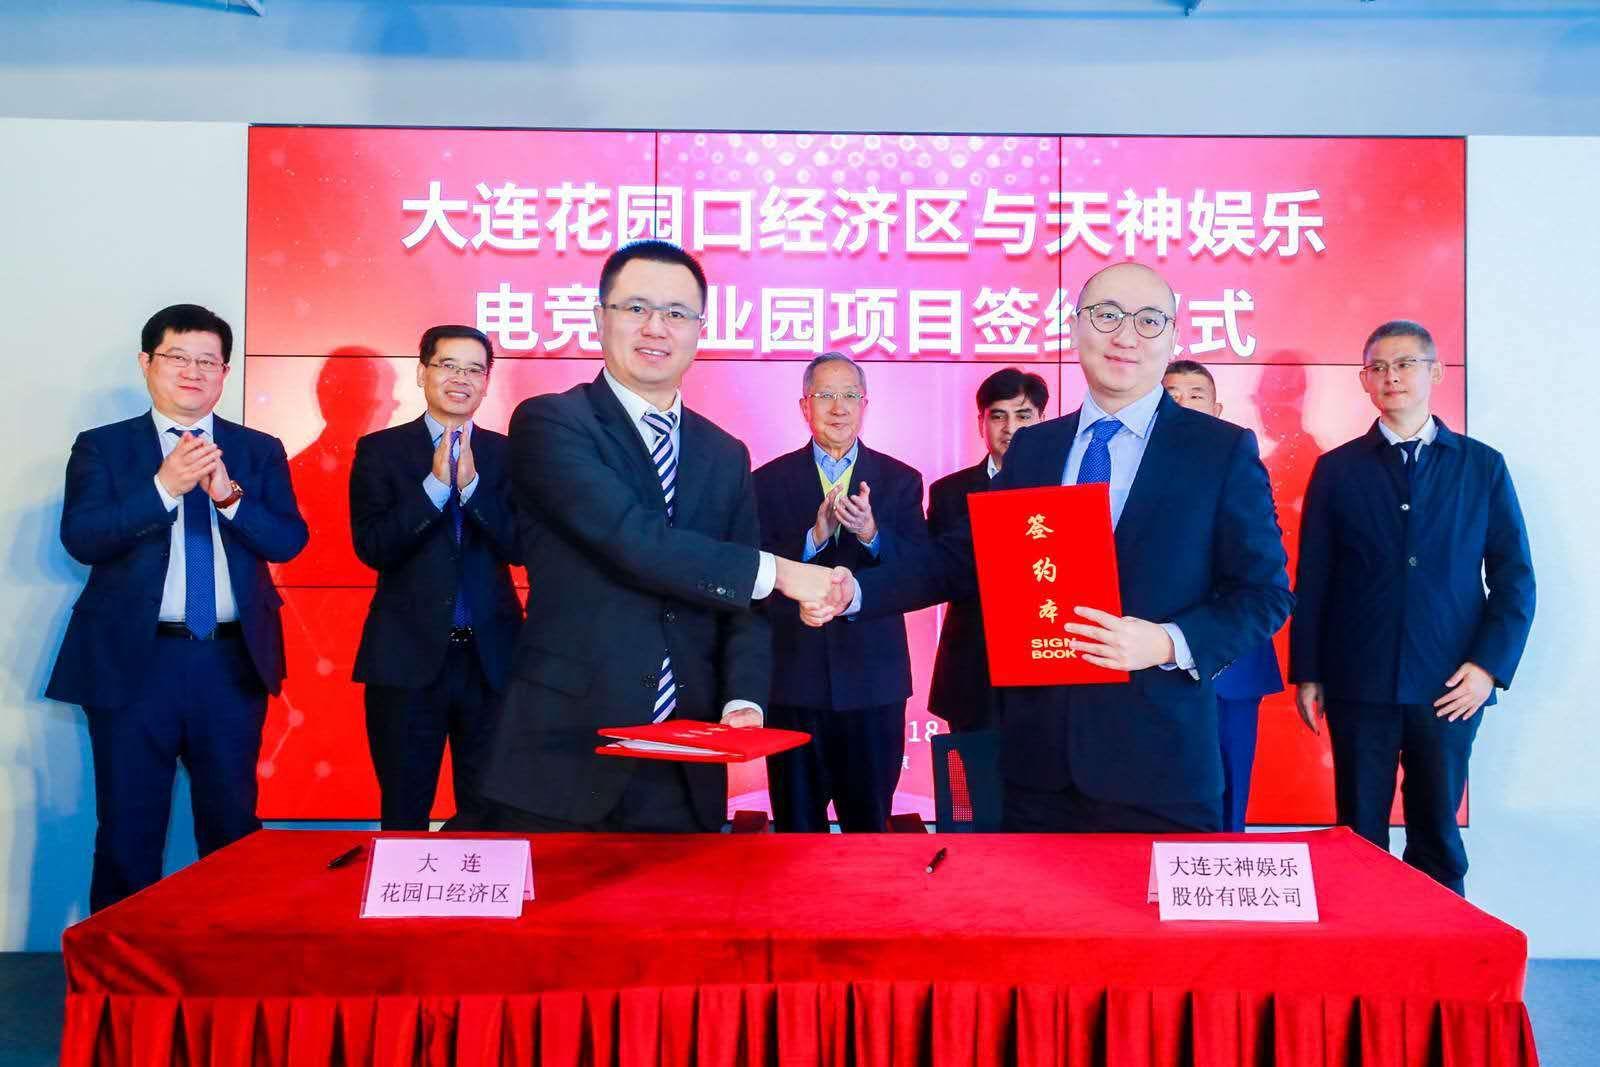 天神娱乐与大连花园口经济区签署合作协议 共建电子竞技生态新模式